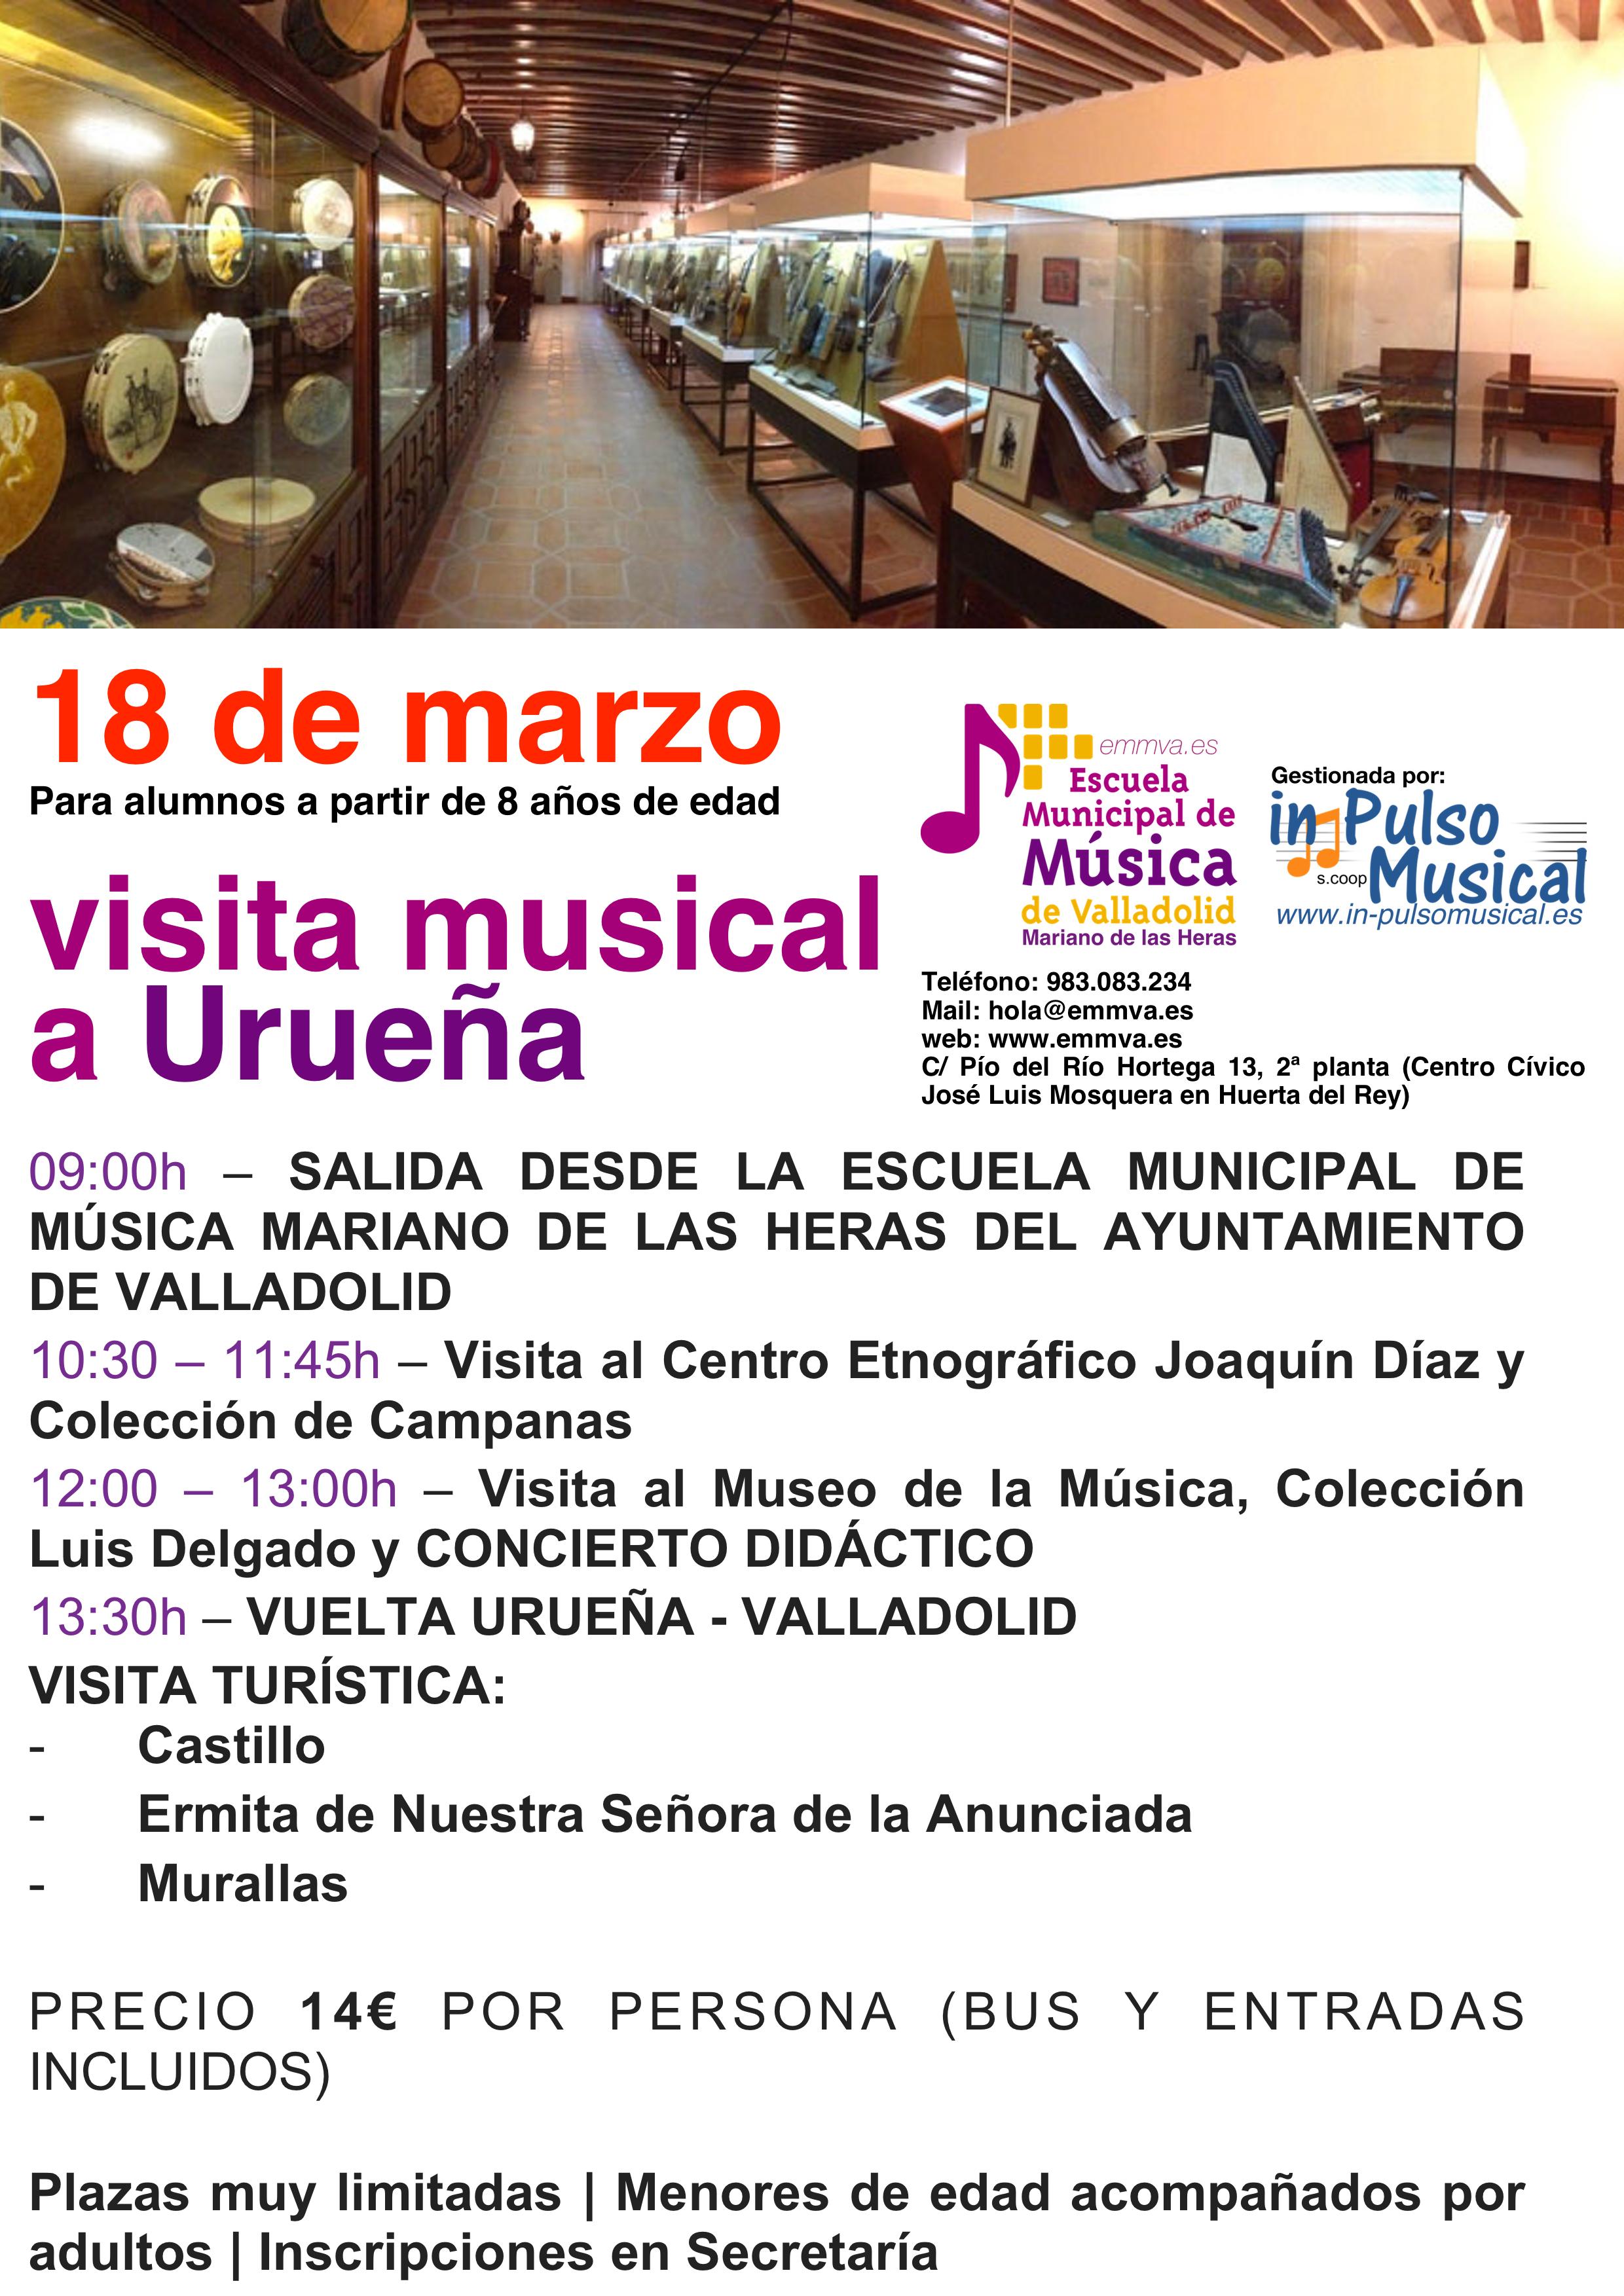 visita musical urueña escuela municipal de música de valladolid